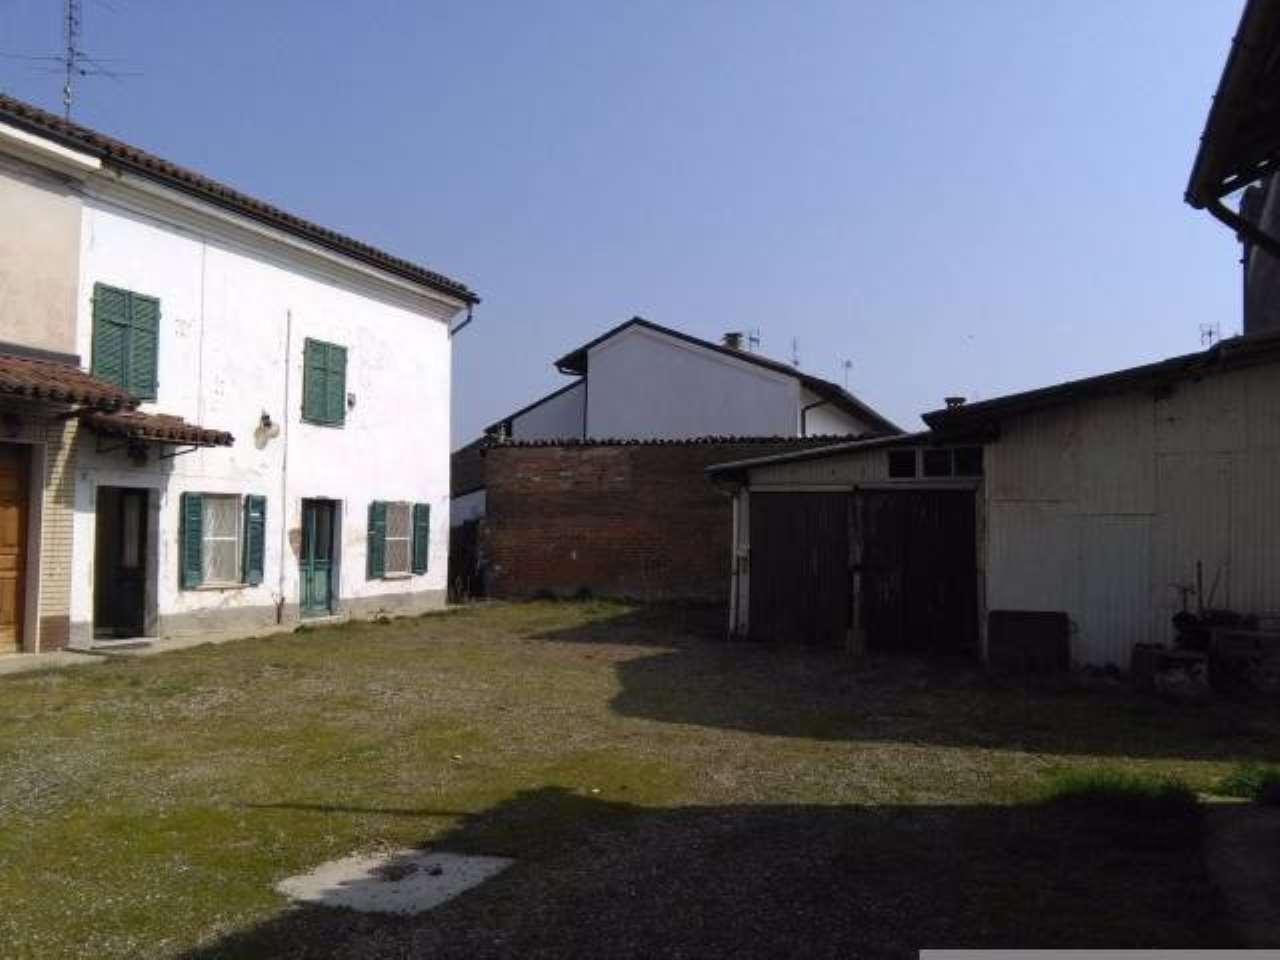 Rustico / Casale in vendita a Alessandria, 4 locali, prezzo € 48.000 | CambioCasa.it